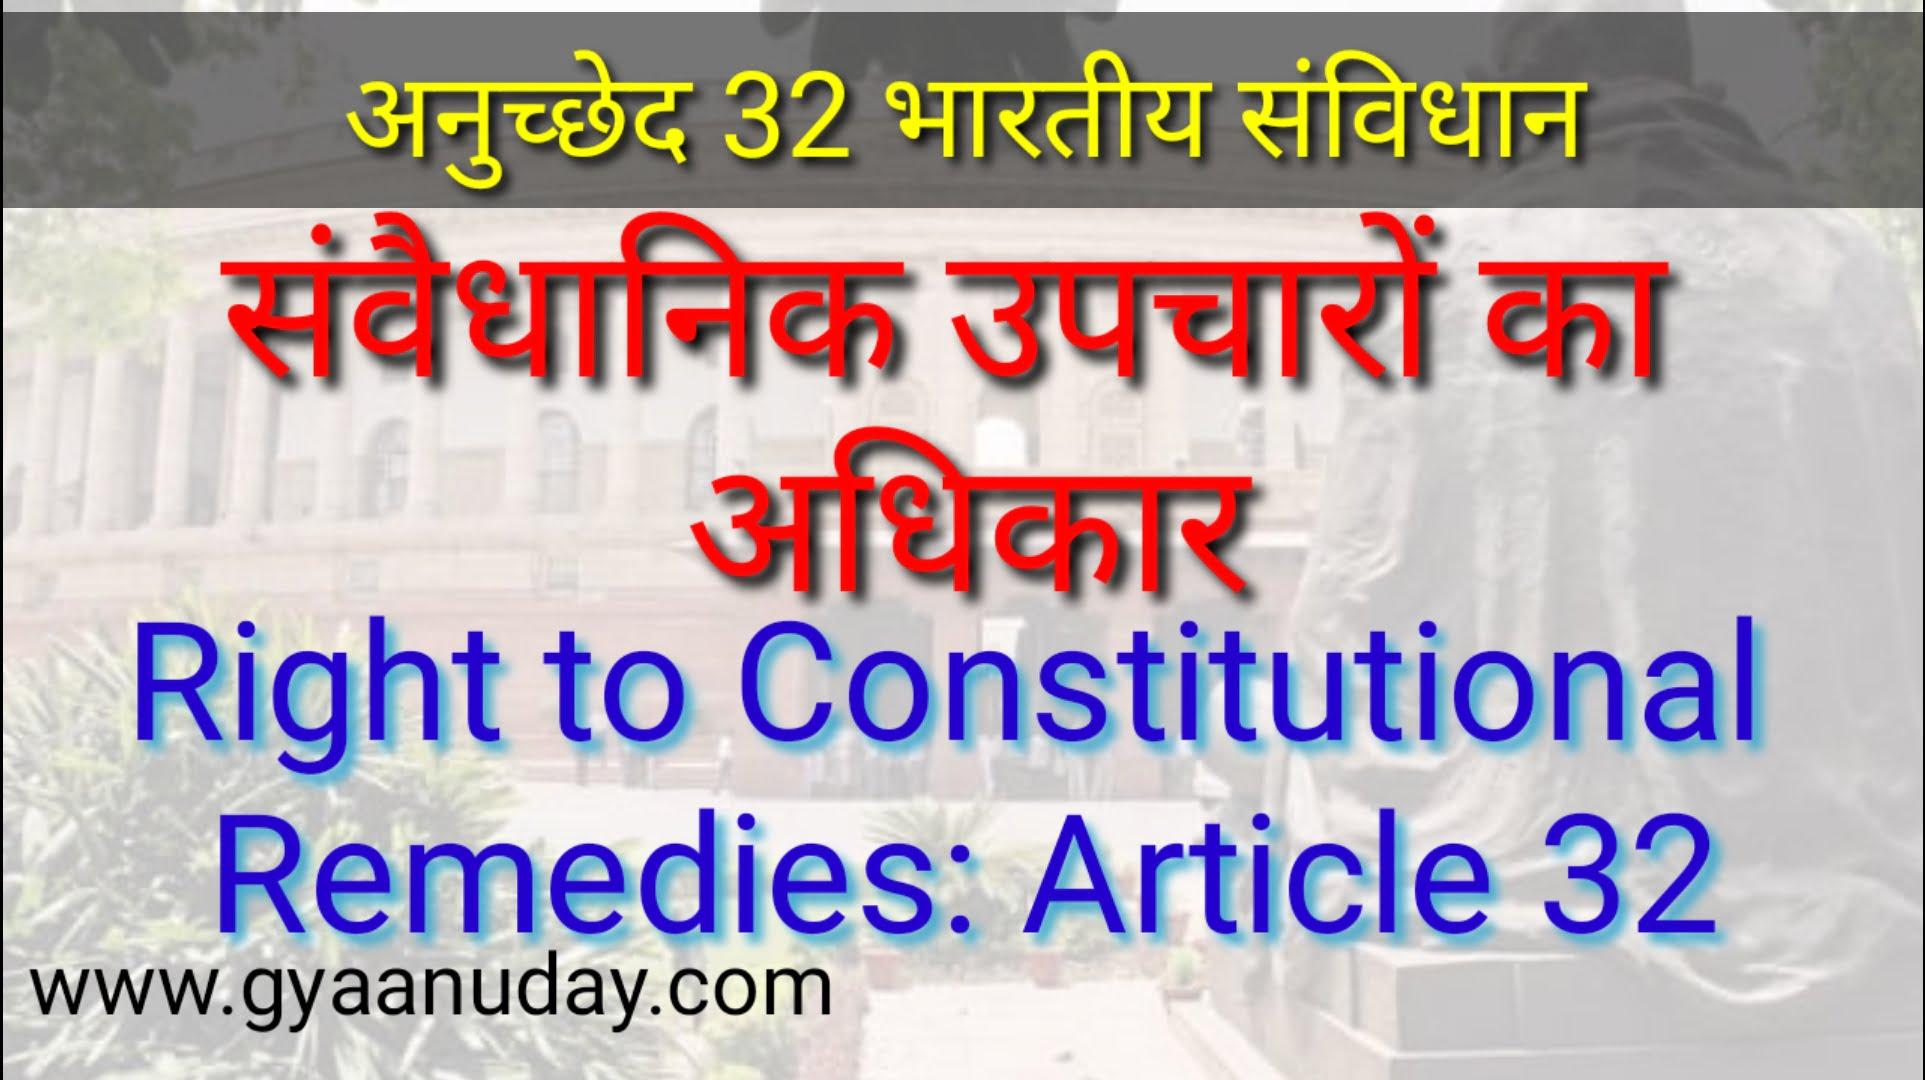 अनुच्छेद 32 संवैधानिक उपचारों का अधिकार